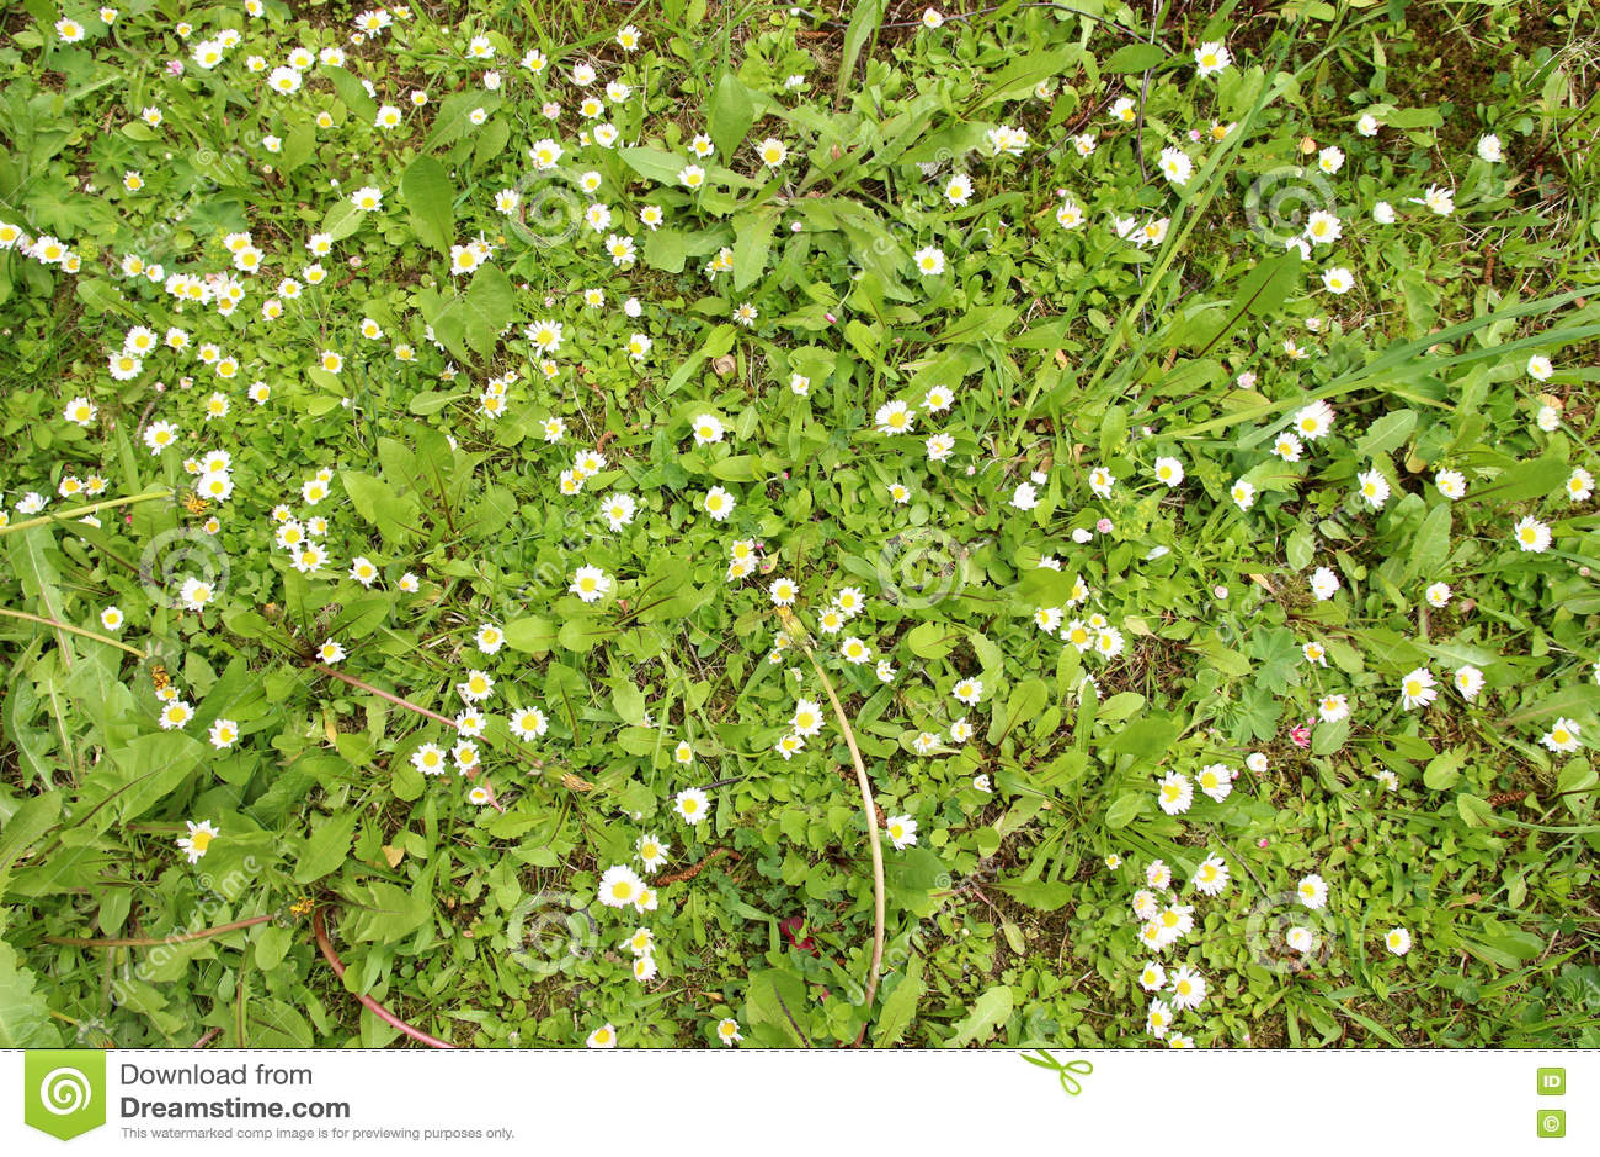 Prato verde sbocciante della primavera fotografia stock for Prato verde